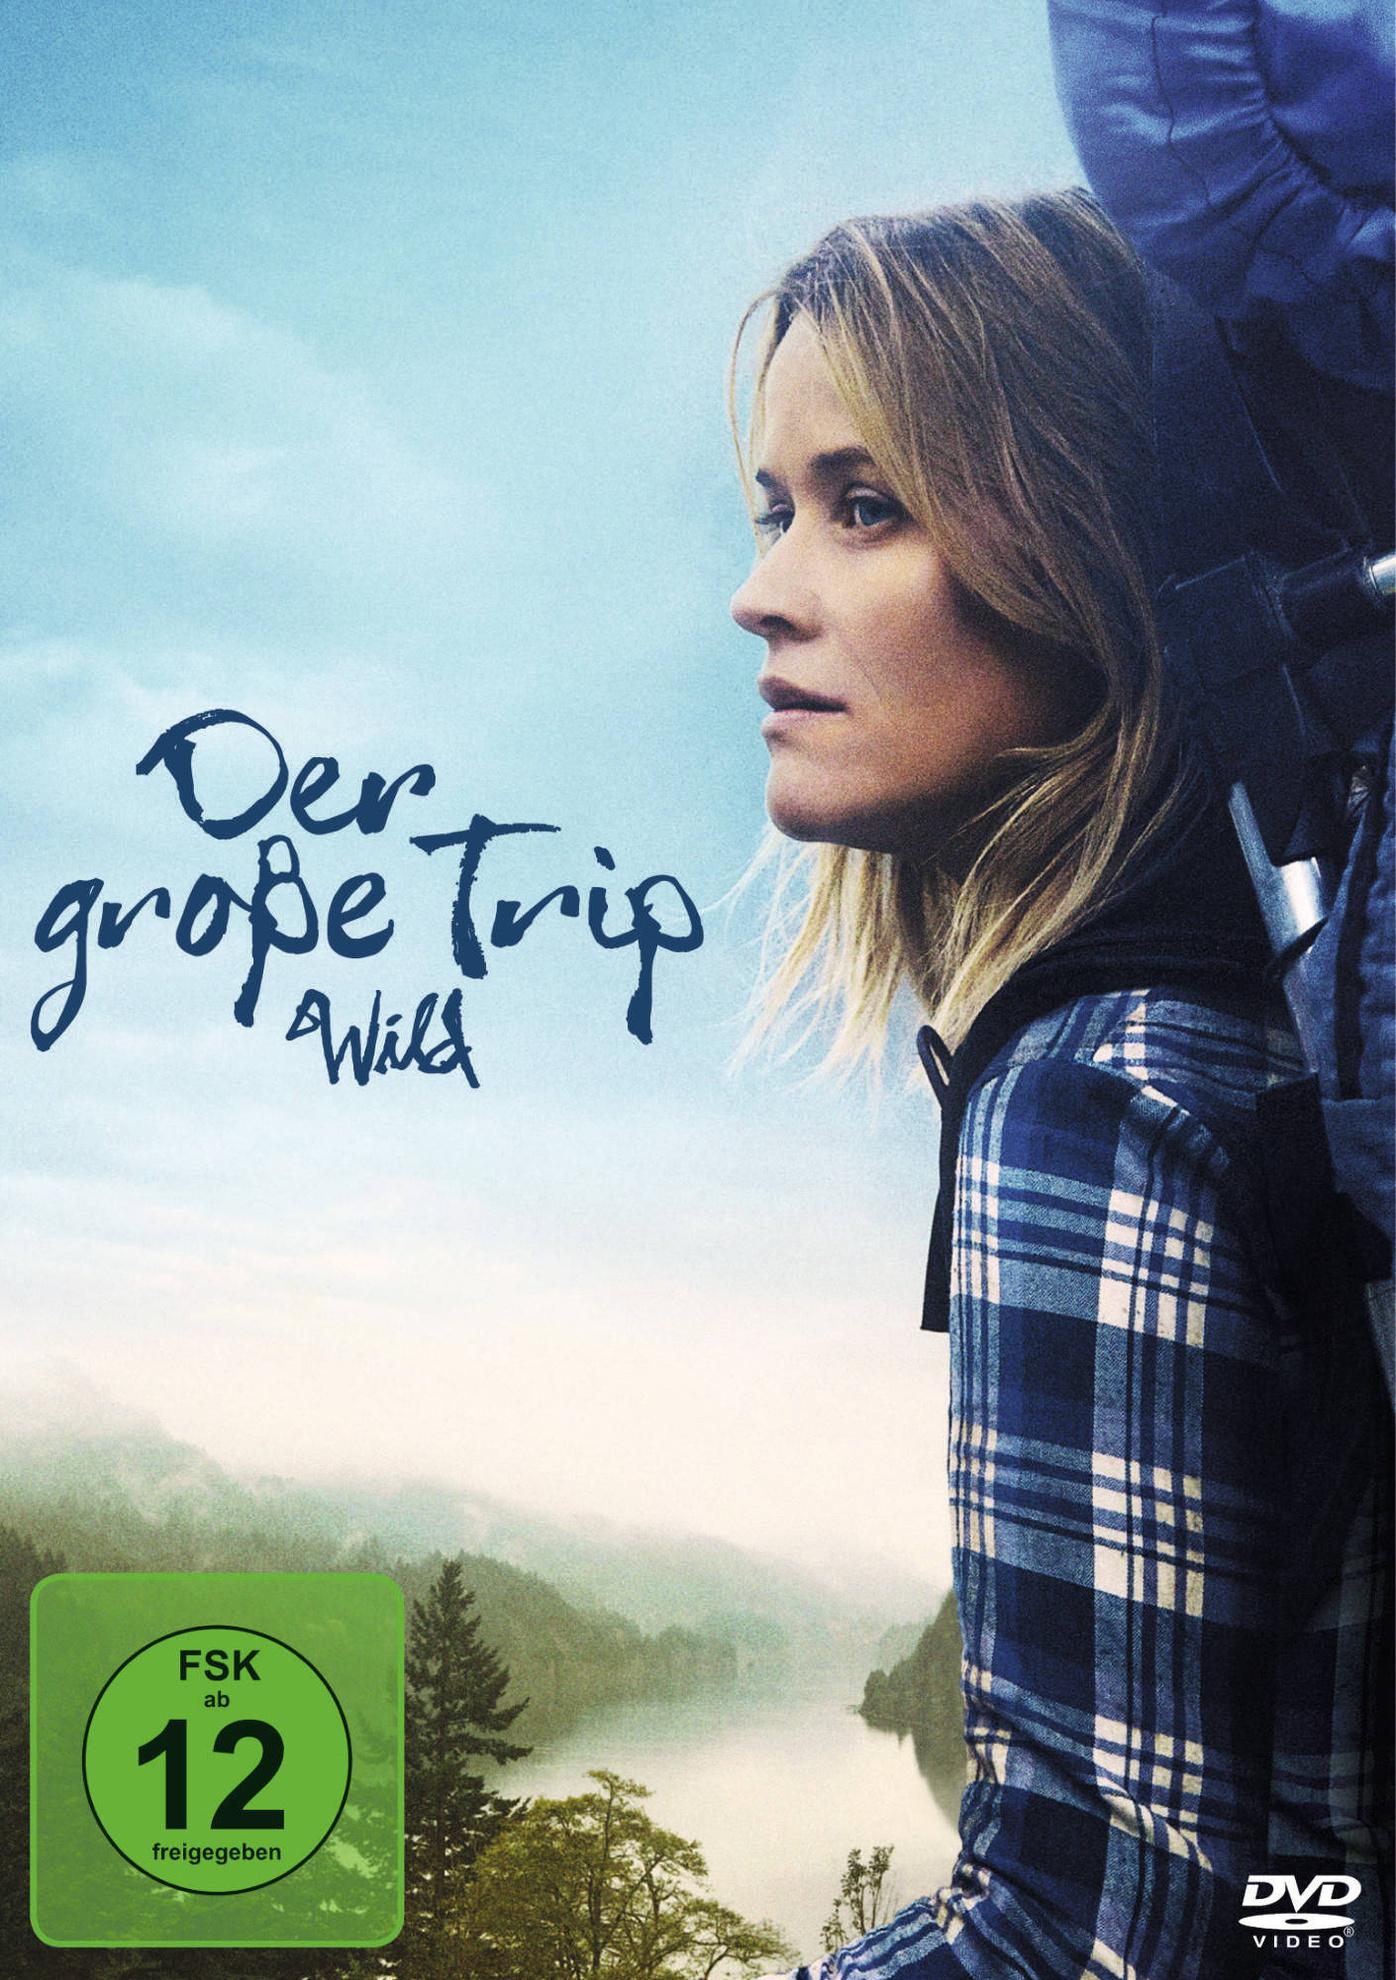 Film Der Große Trip Wild